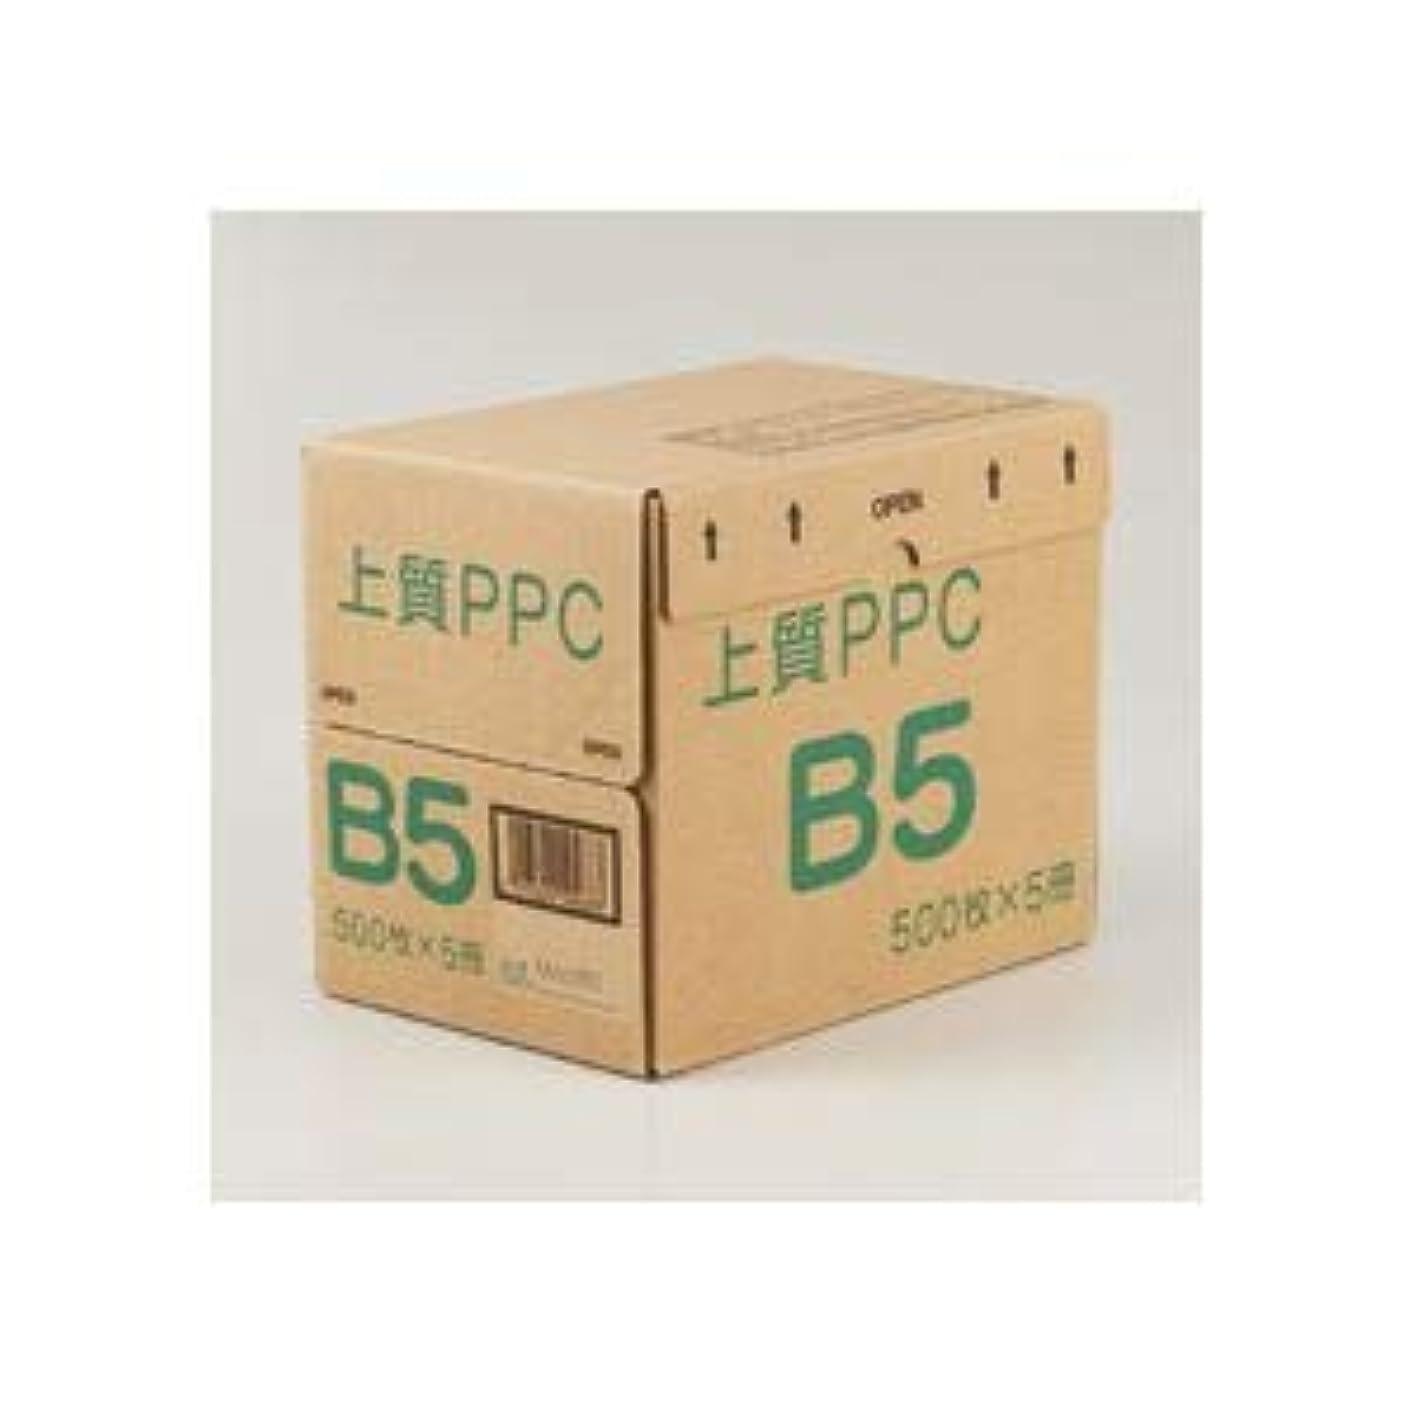 ライム金銭的なスナップ日用品 OA?プリンタ用紙 (まとめ買い) 上質PPC用紙 NY B51箱 (2500枚:500枚×5冊) 【×3セット】